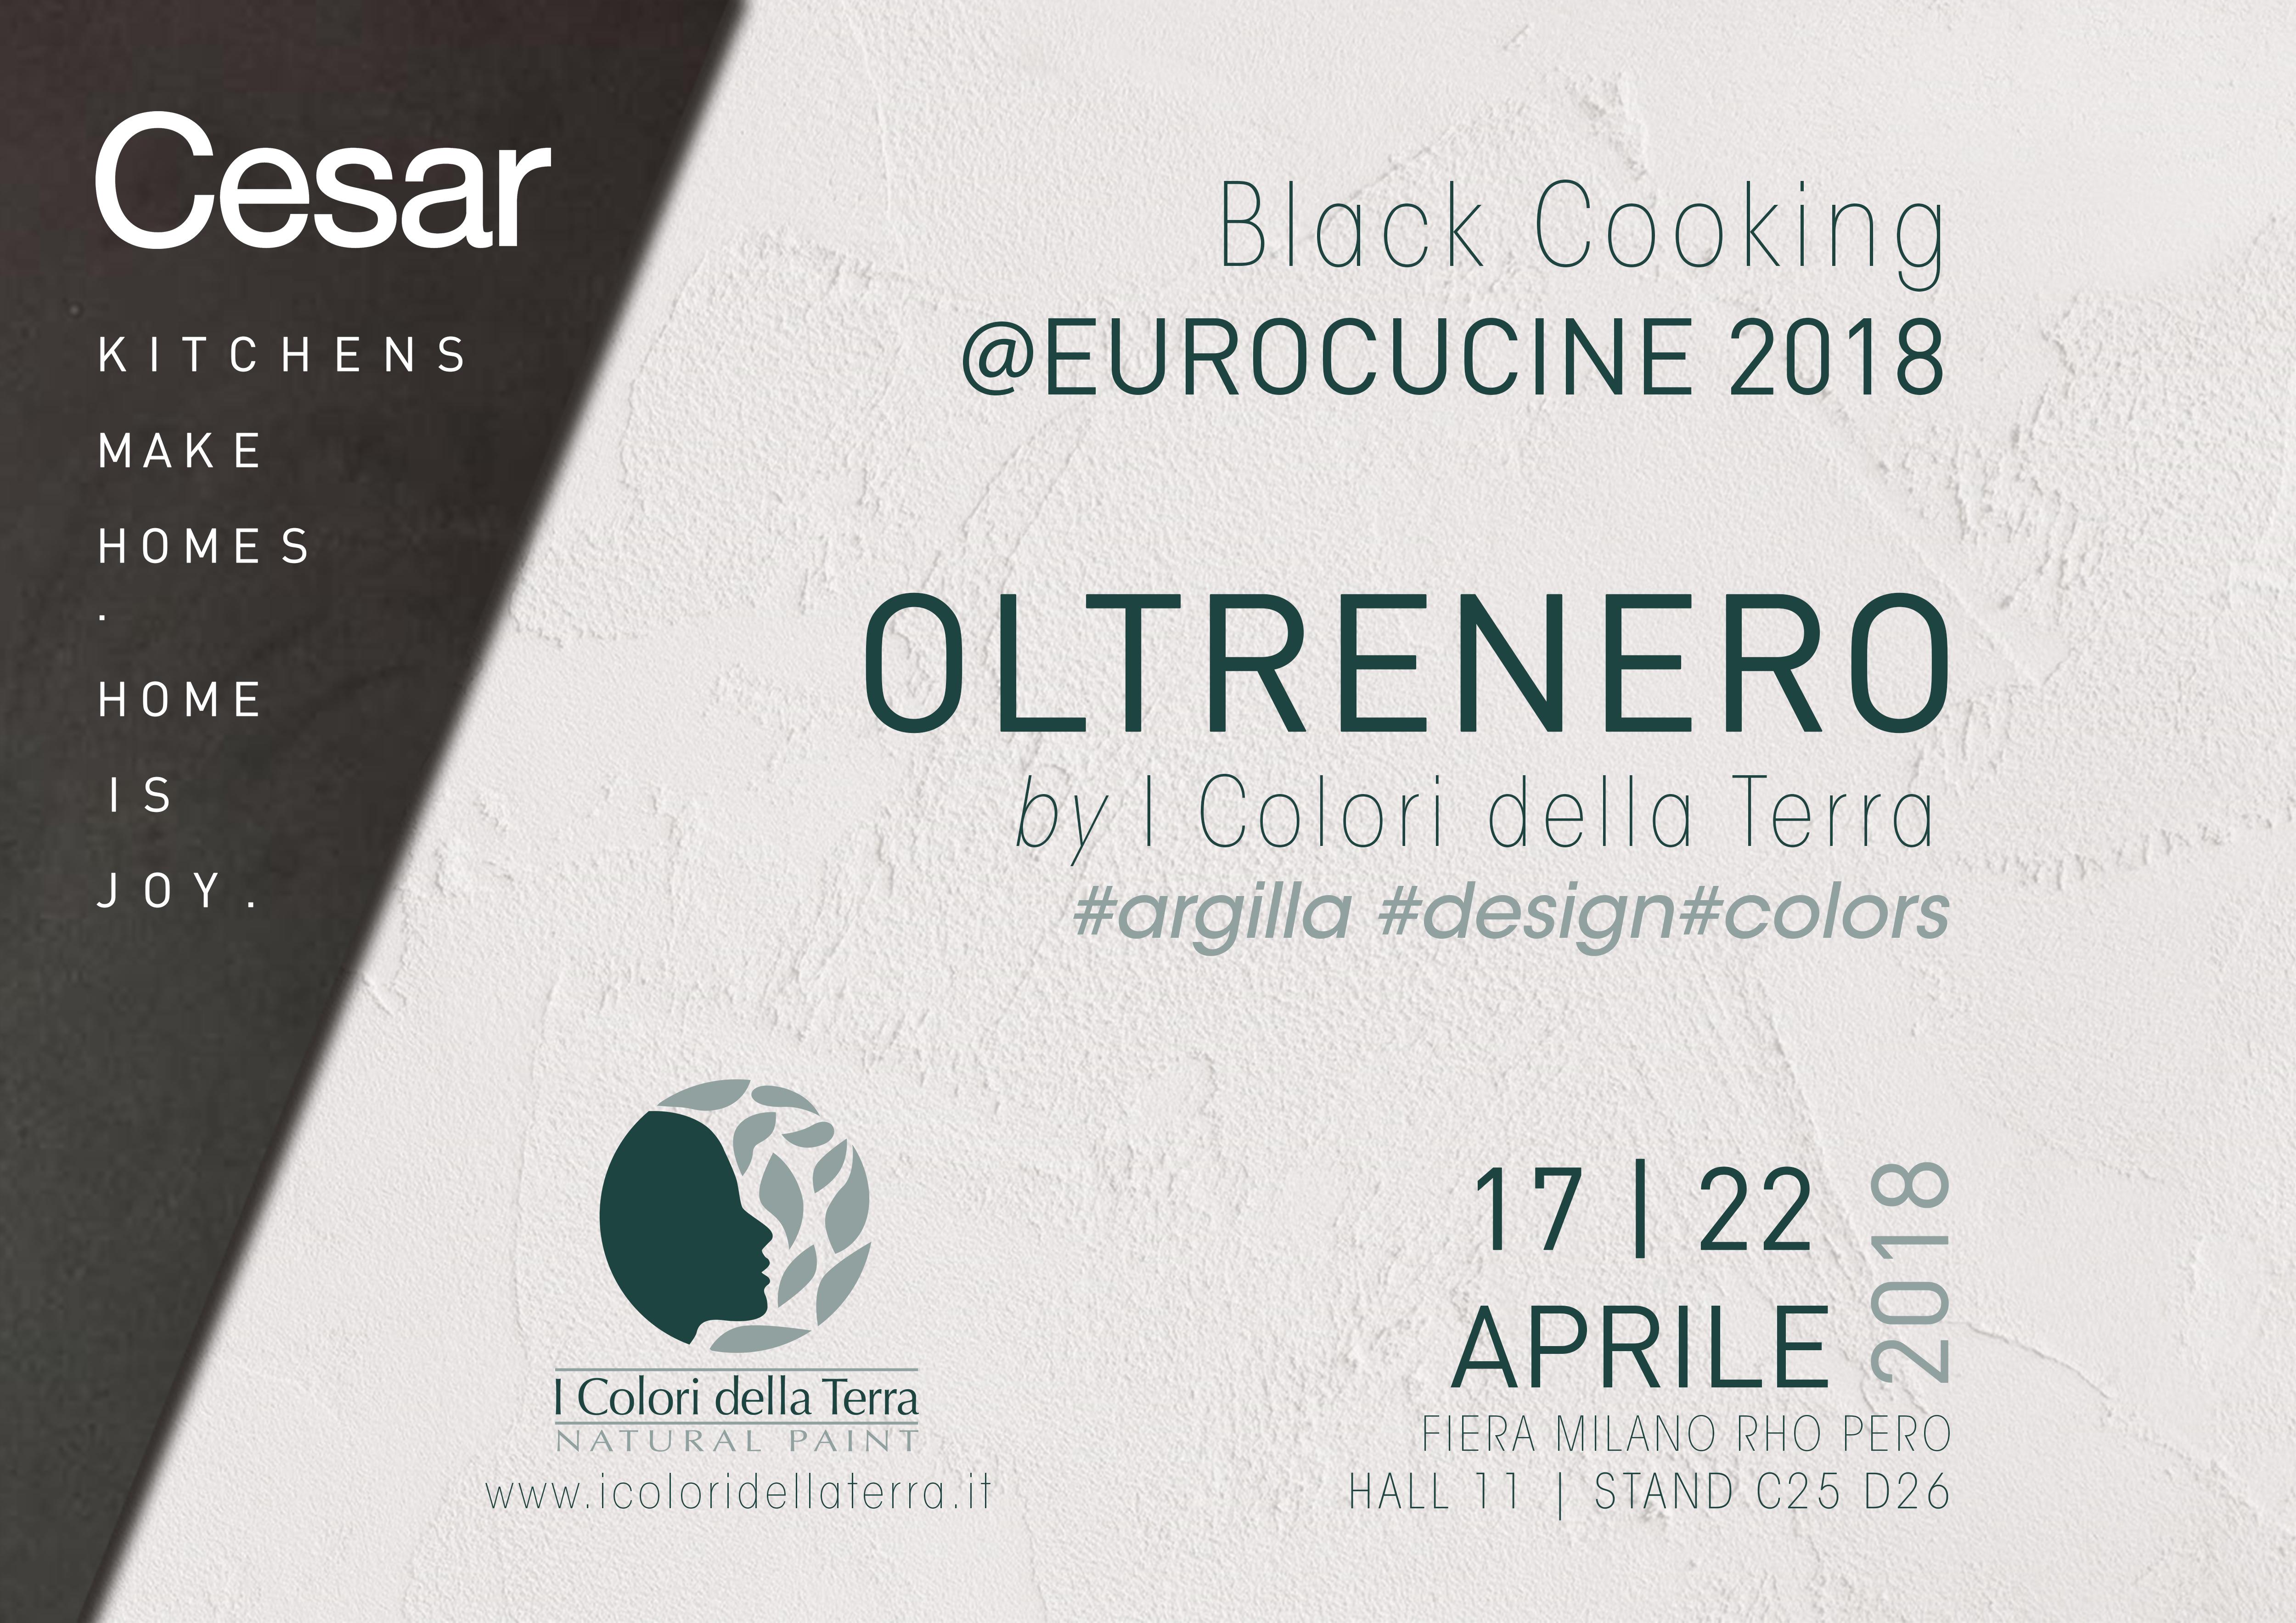 I Colori della Terra @Eurocucine2018